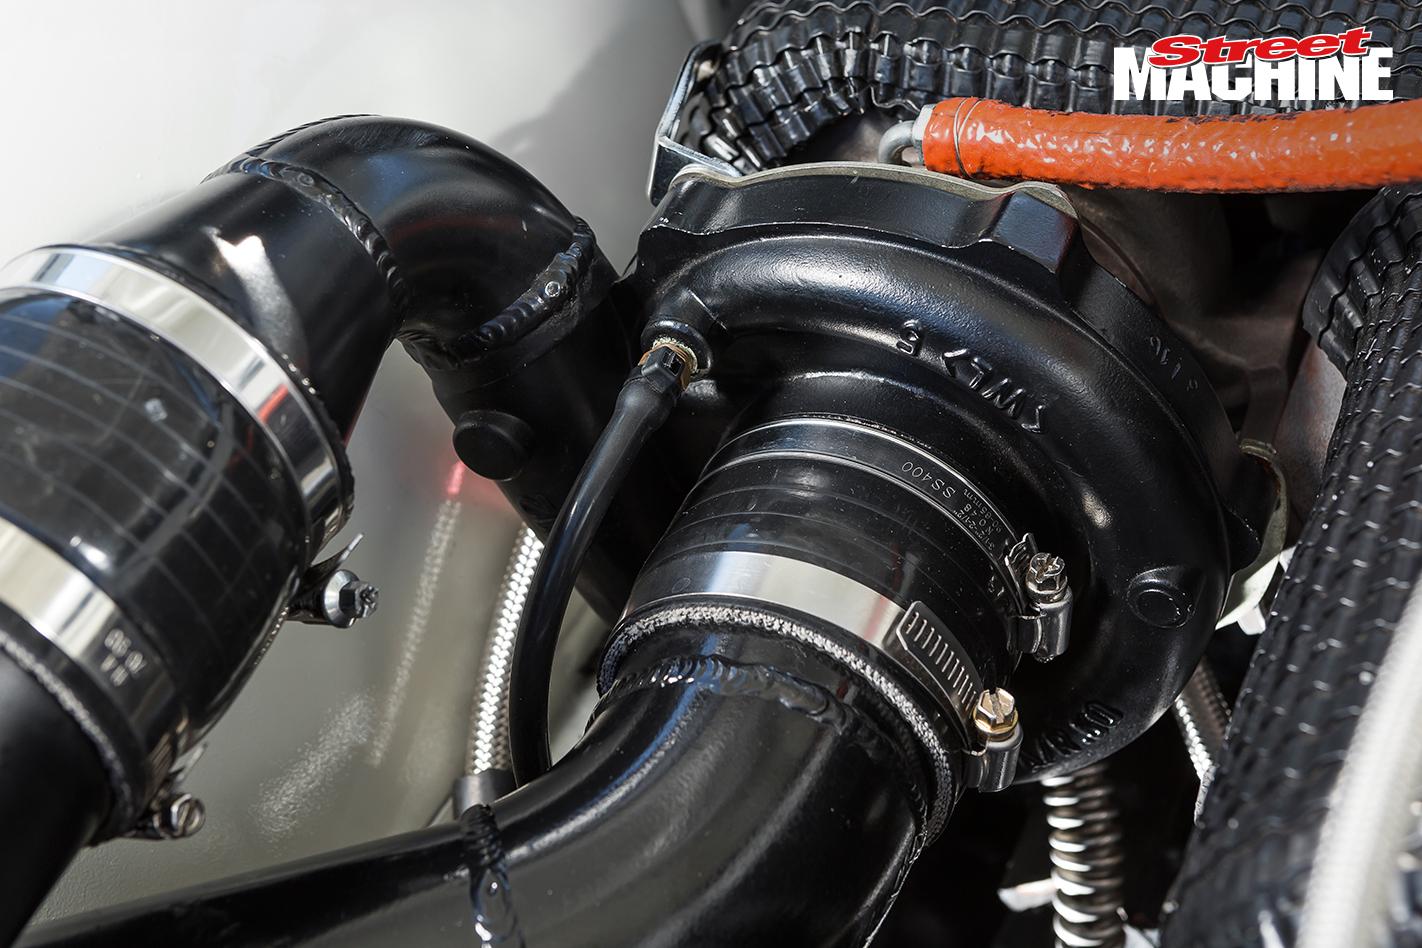 HG Holden Belmont Barra Turbo